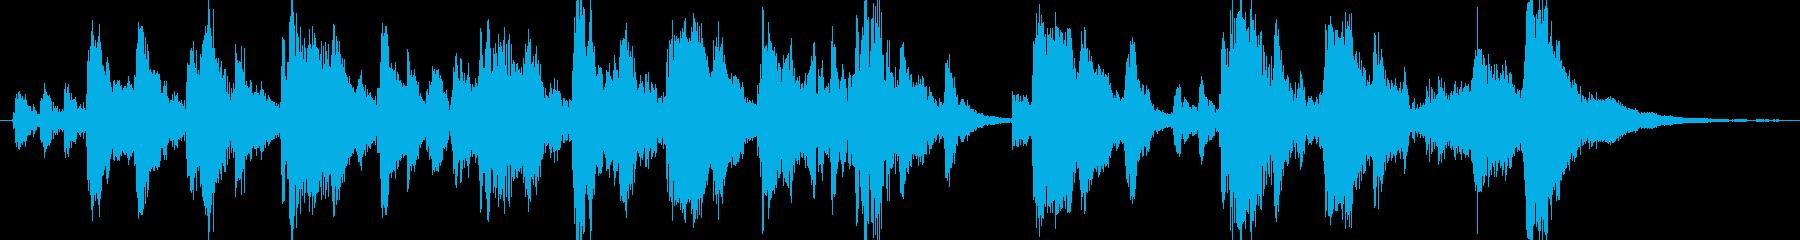 オーケストラ楽器ファンタジー漫画の...の再生済みの波形